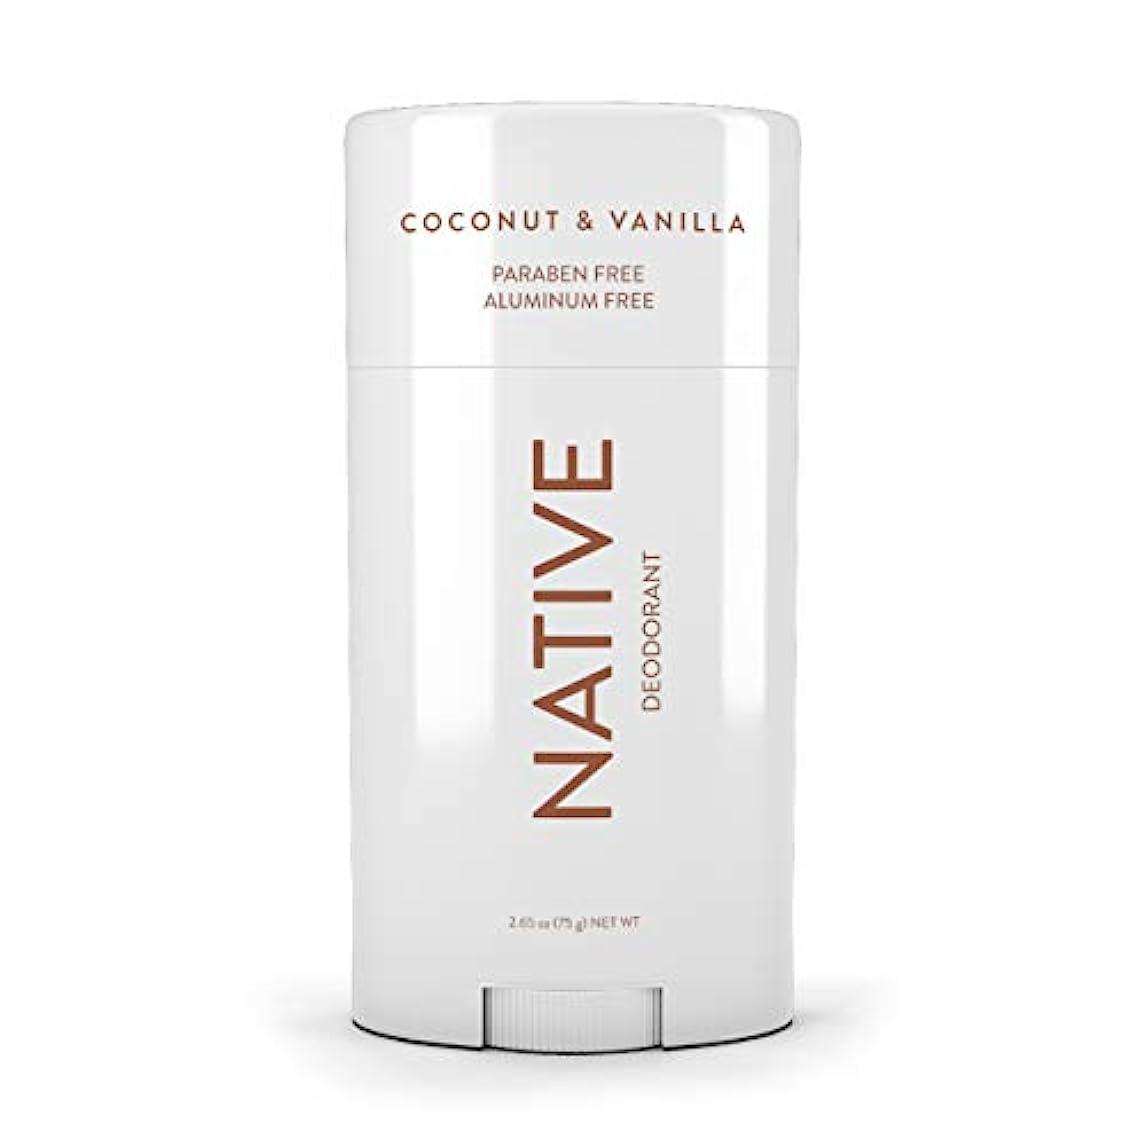 しなやか注ぎます必要条件ネイティブ Native ココナッツ & バニラ ナチュラル デオドラント 2.65oz [並行輸入]